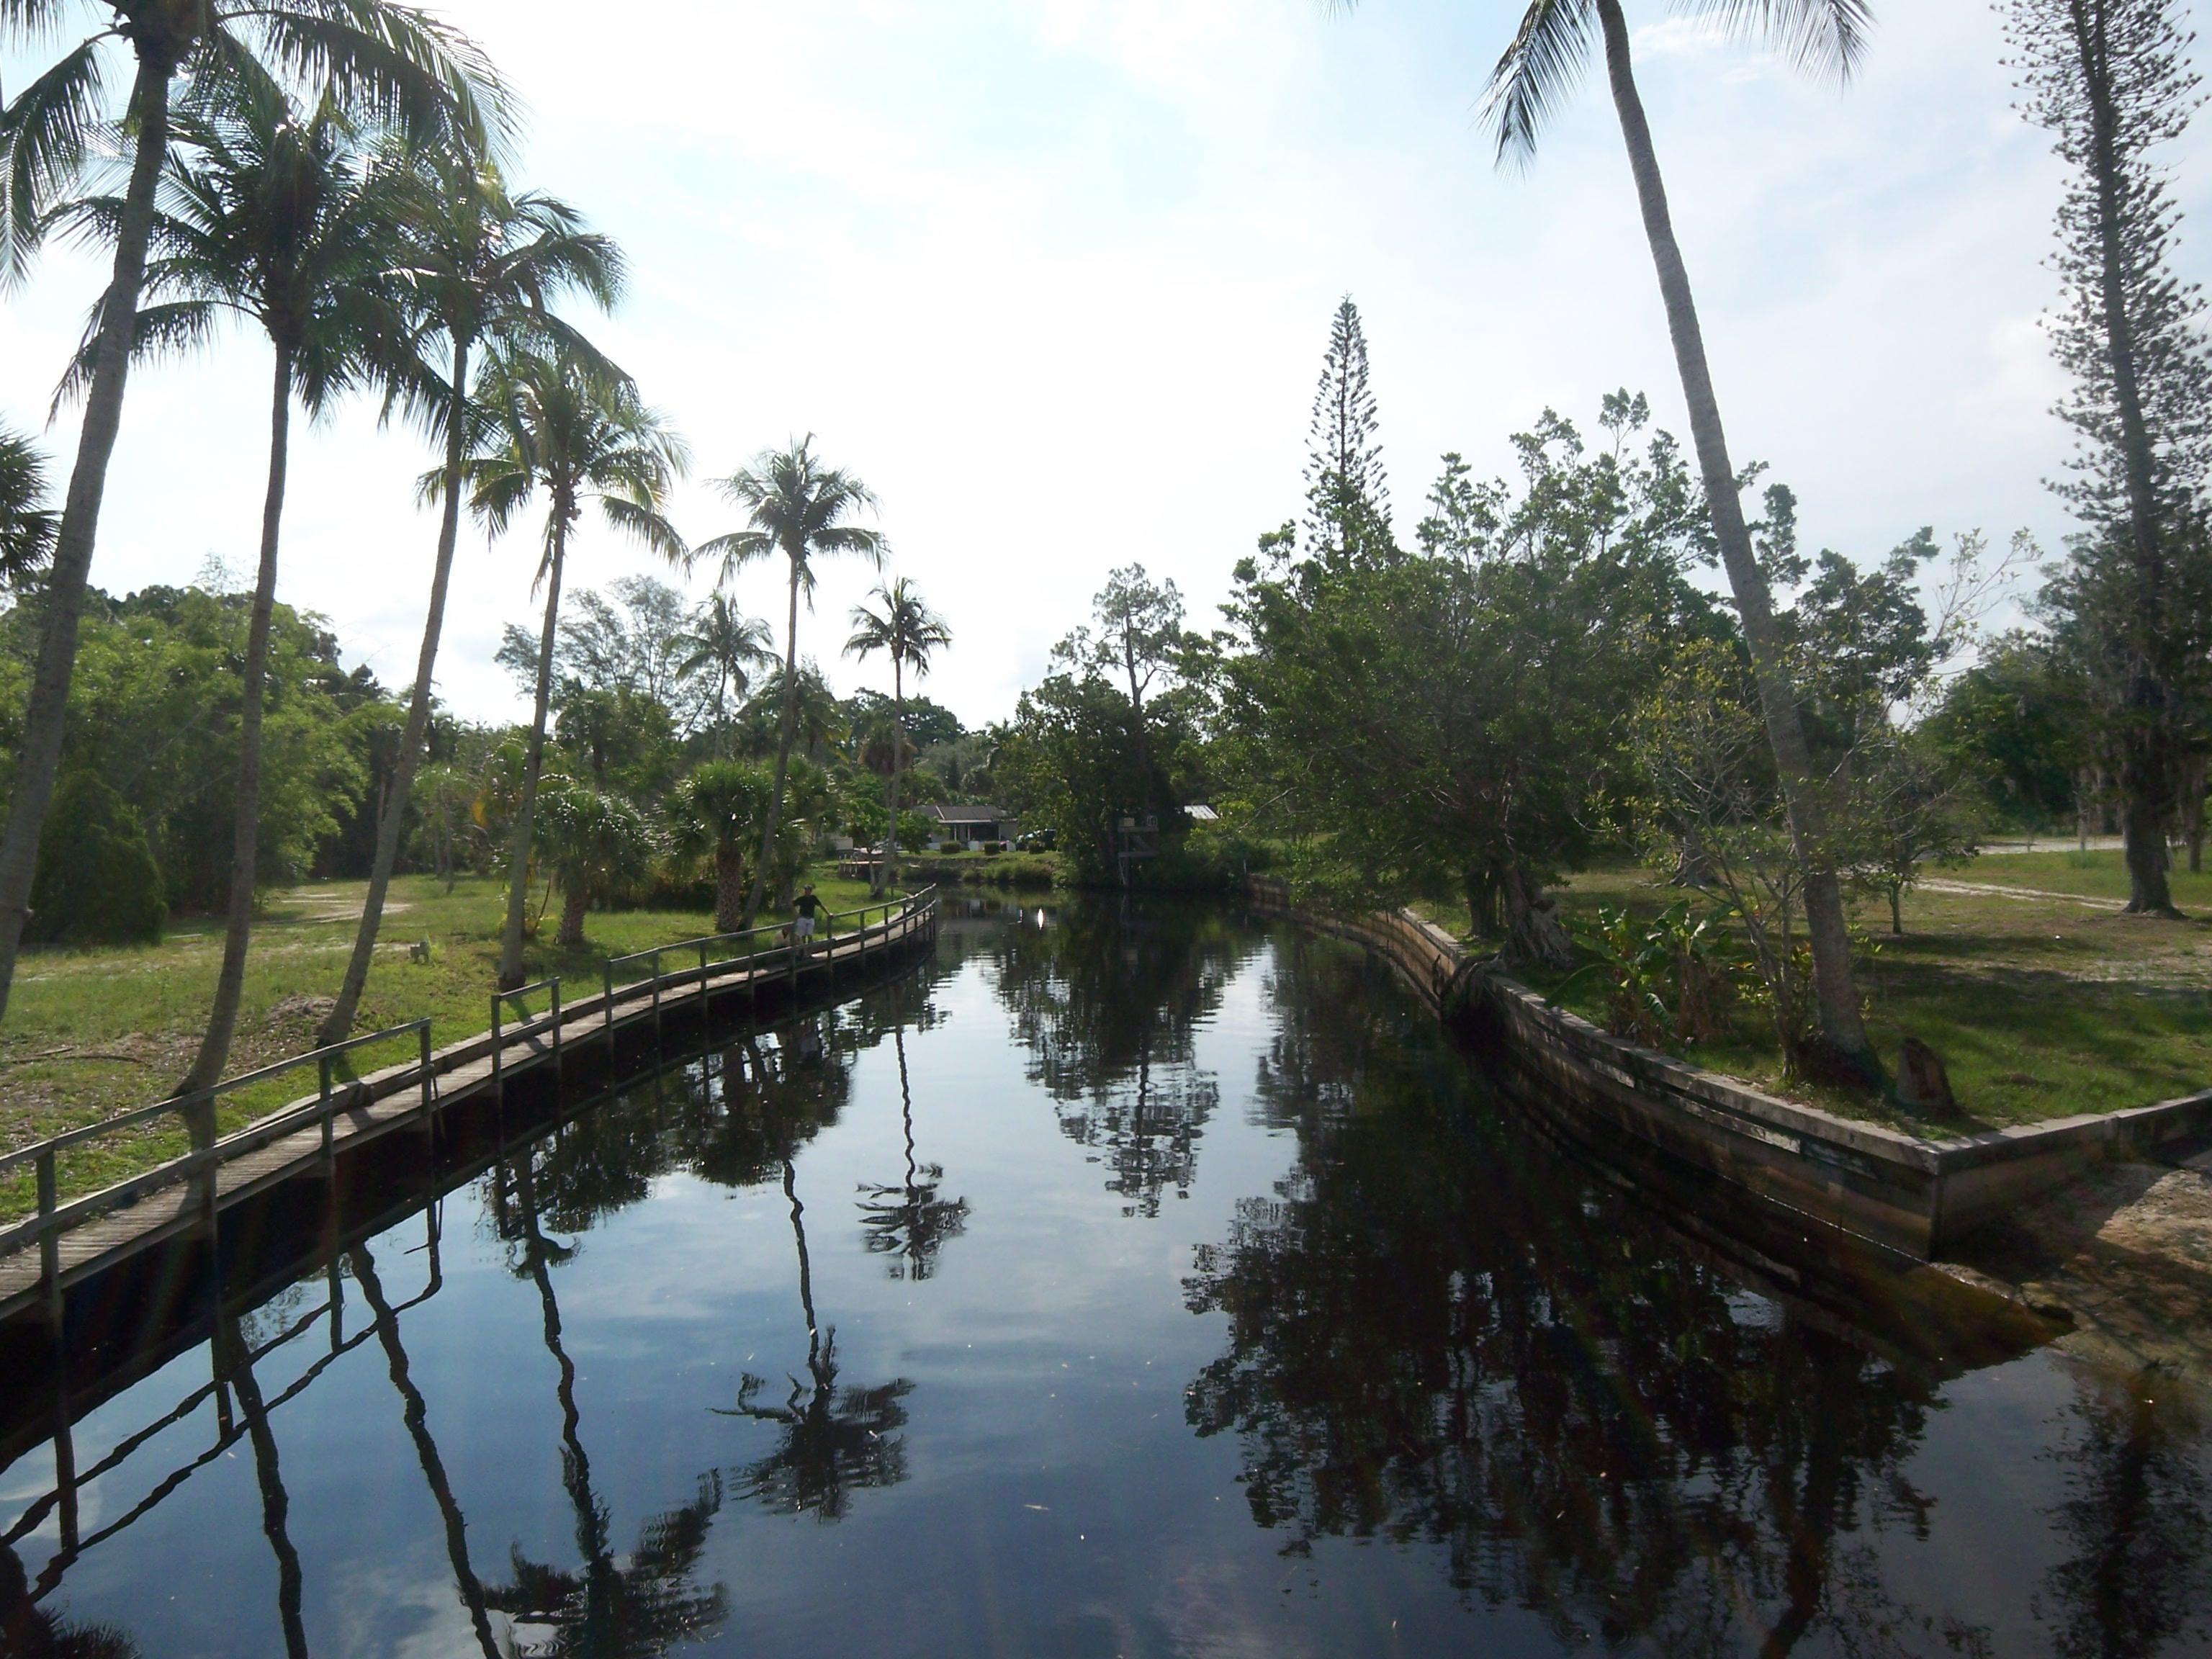 Estero Florida River